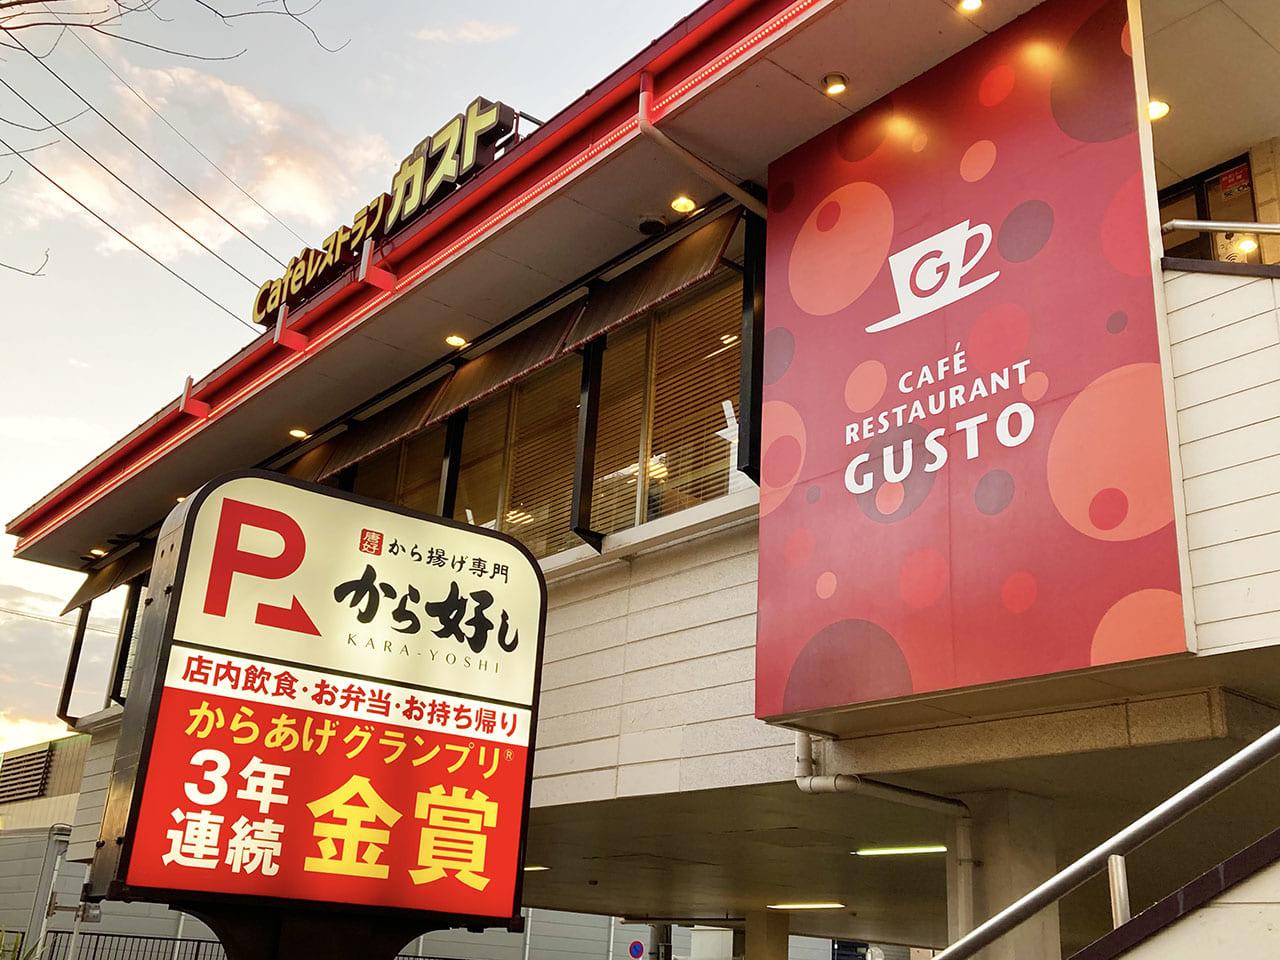 ついに稲城市に上陸♪ガスト稲城駅前店で『から好し』の販売が始まりました!